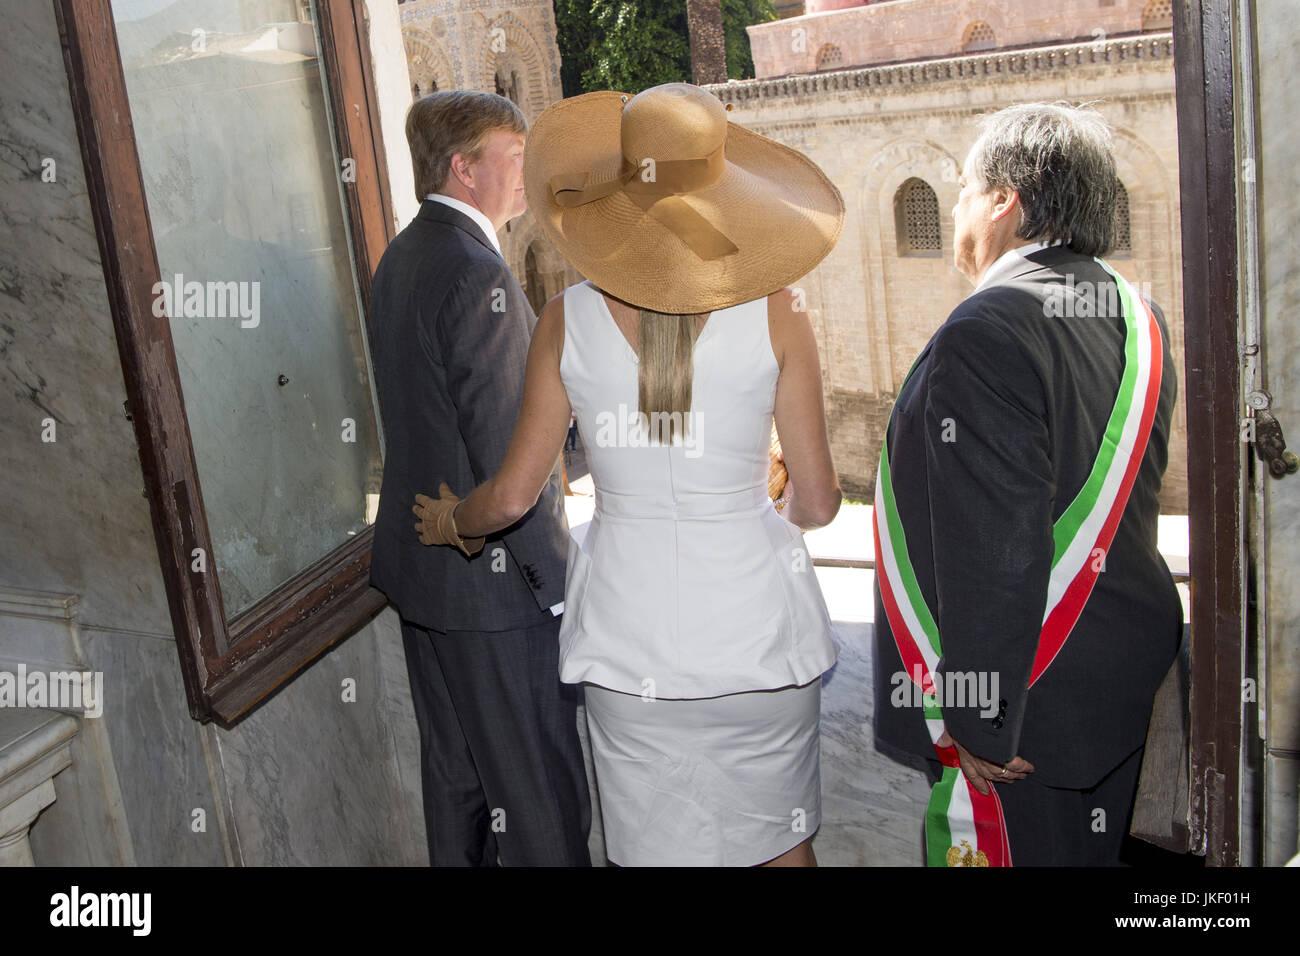 Staatsbezoek van Koning en Koningin aan de Republiek Italie - dag 2 - Palermo /// State visit of King and Queen - Stock Image